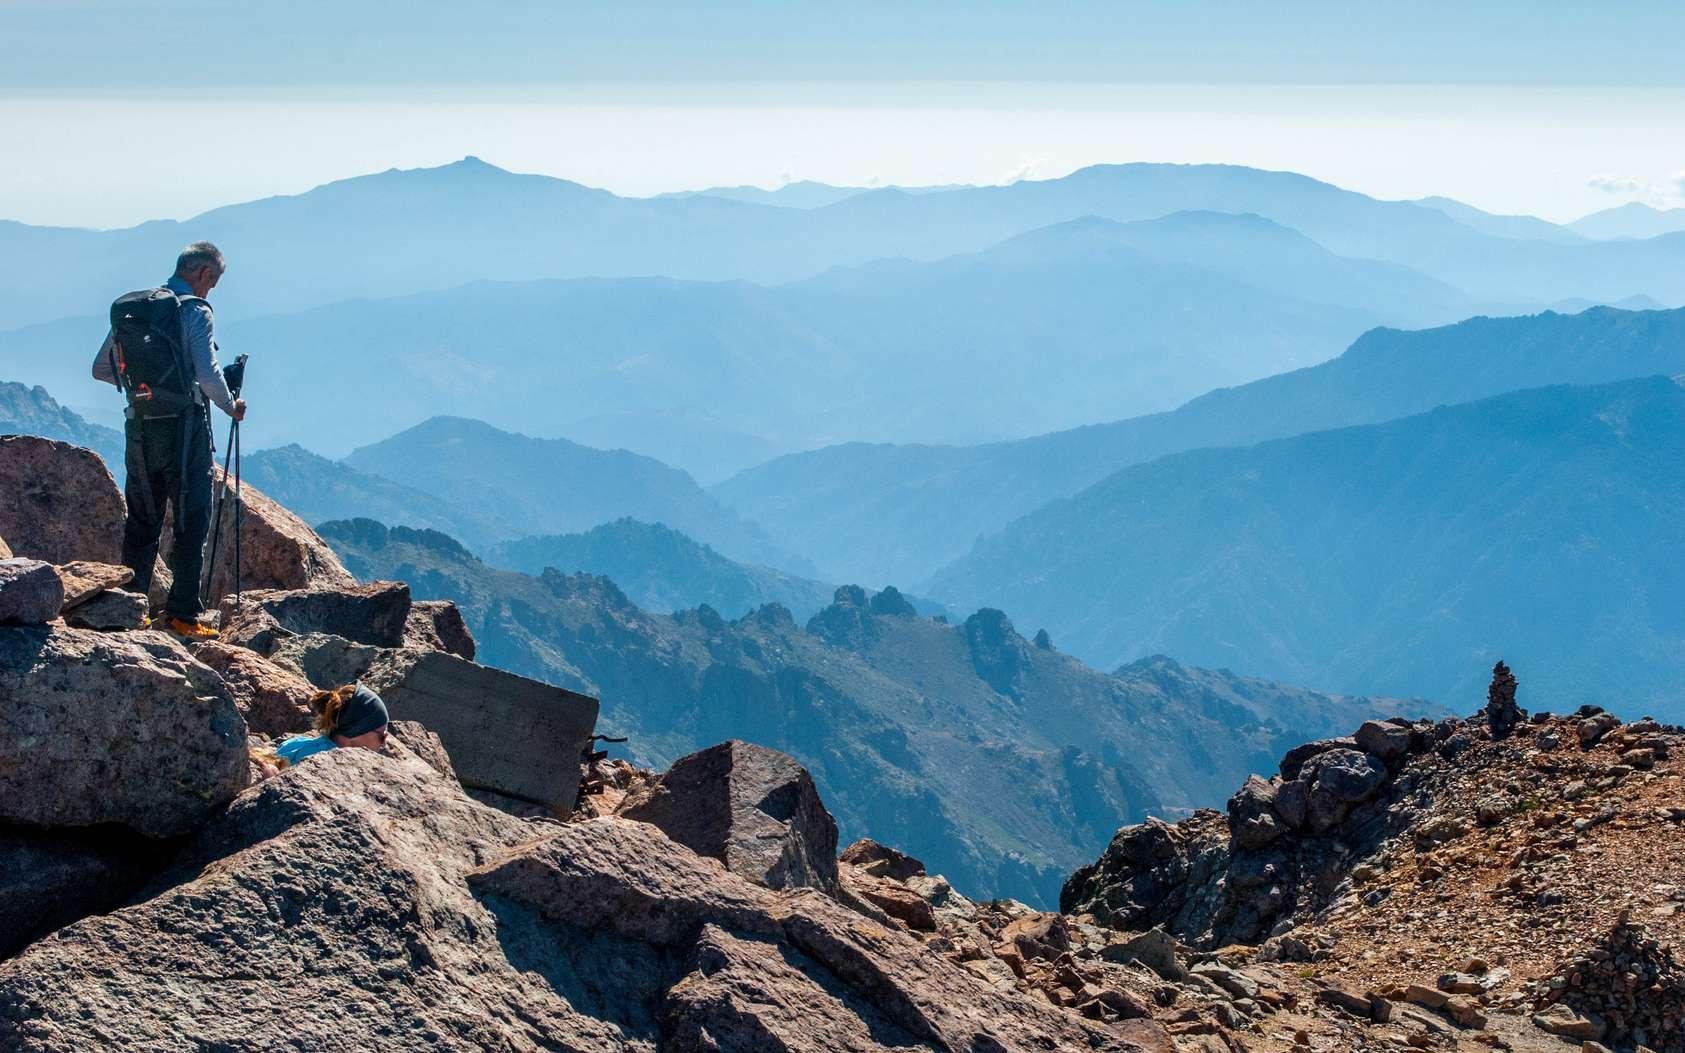 Quelles sont les plus belles randonnées de Corse ? Ici, un paysage corse vu depuis le mont Cinto. © Tom, Fotolia